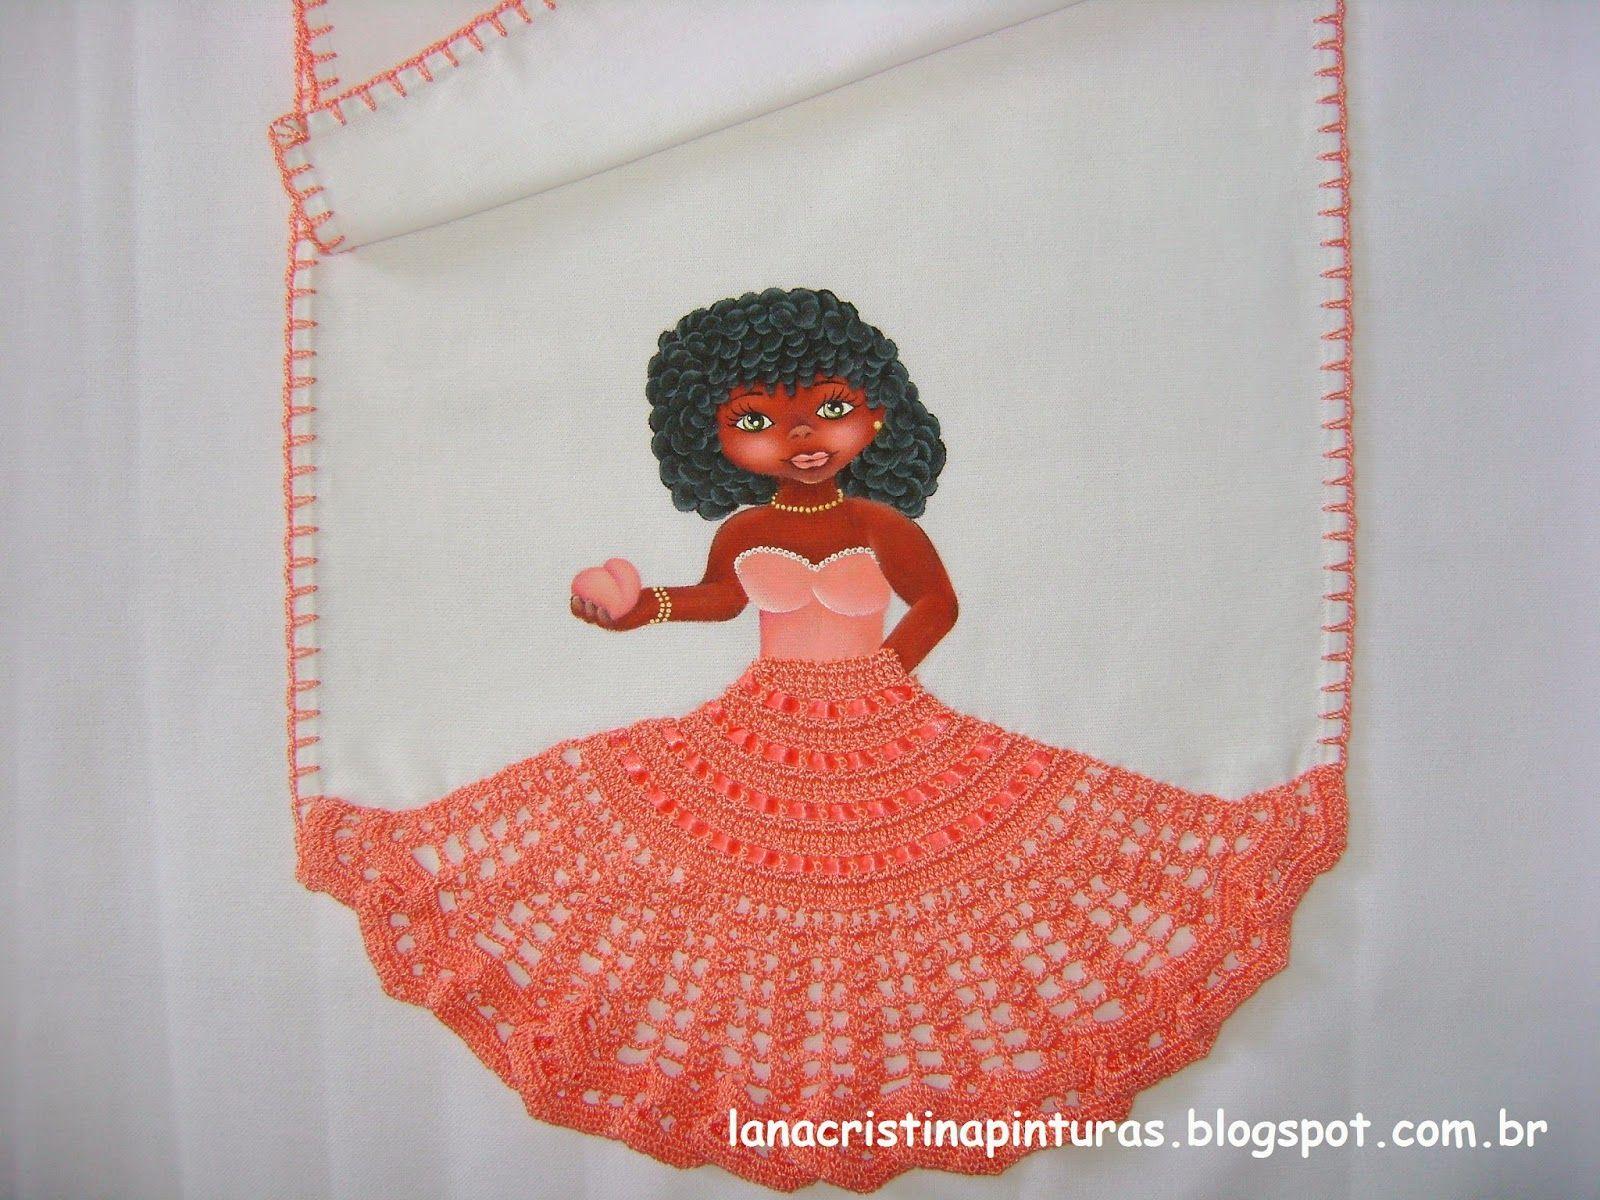 Boneca com Saia de Crochê   bonecas com vestido de croche   Pinterest